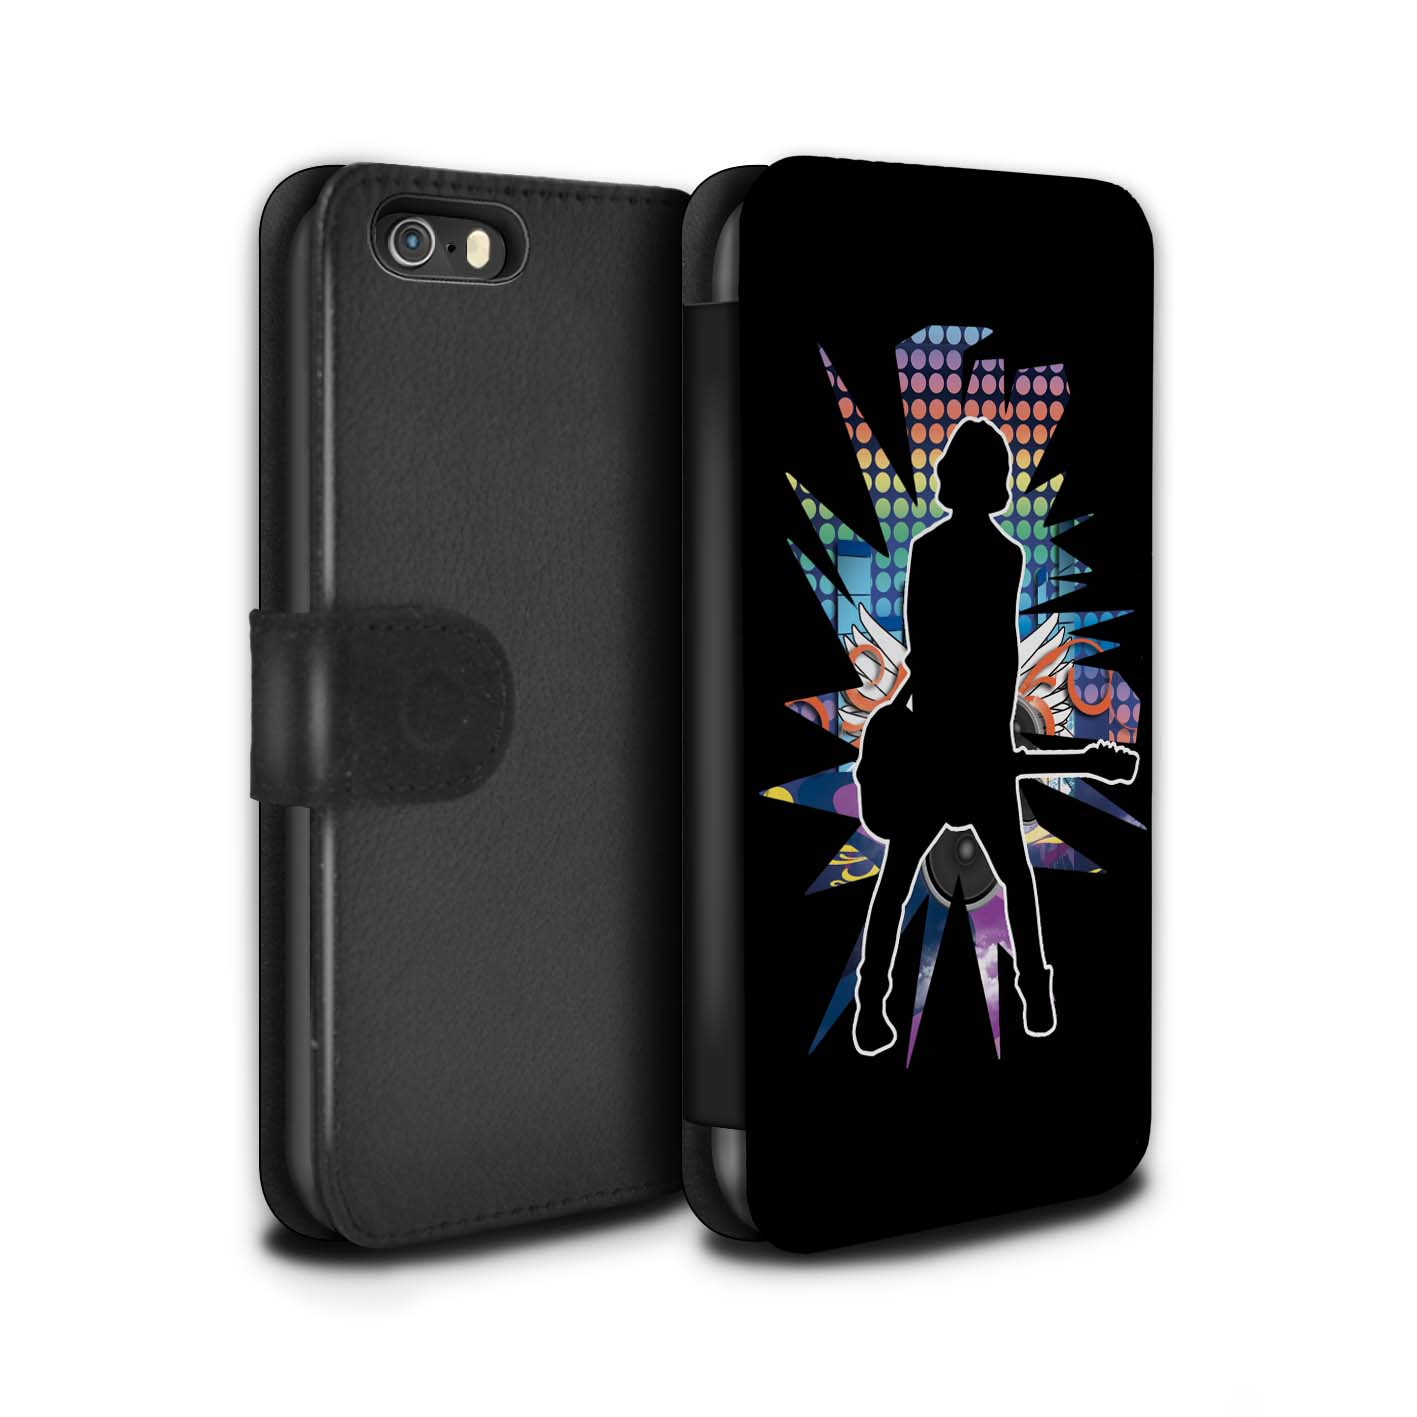 STUFF4-Coque-Etui-Case-Cuir-PU-pour-Apple-iPhone-SE-Rock-Star-Pose